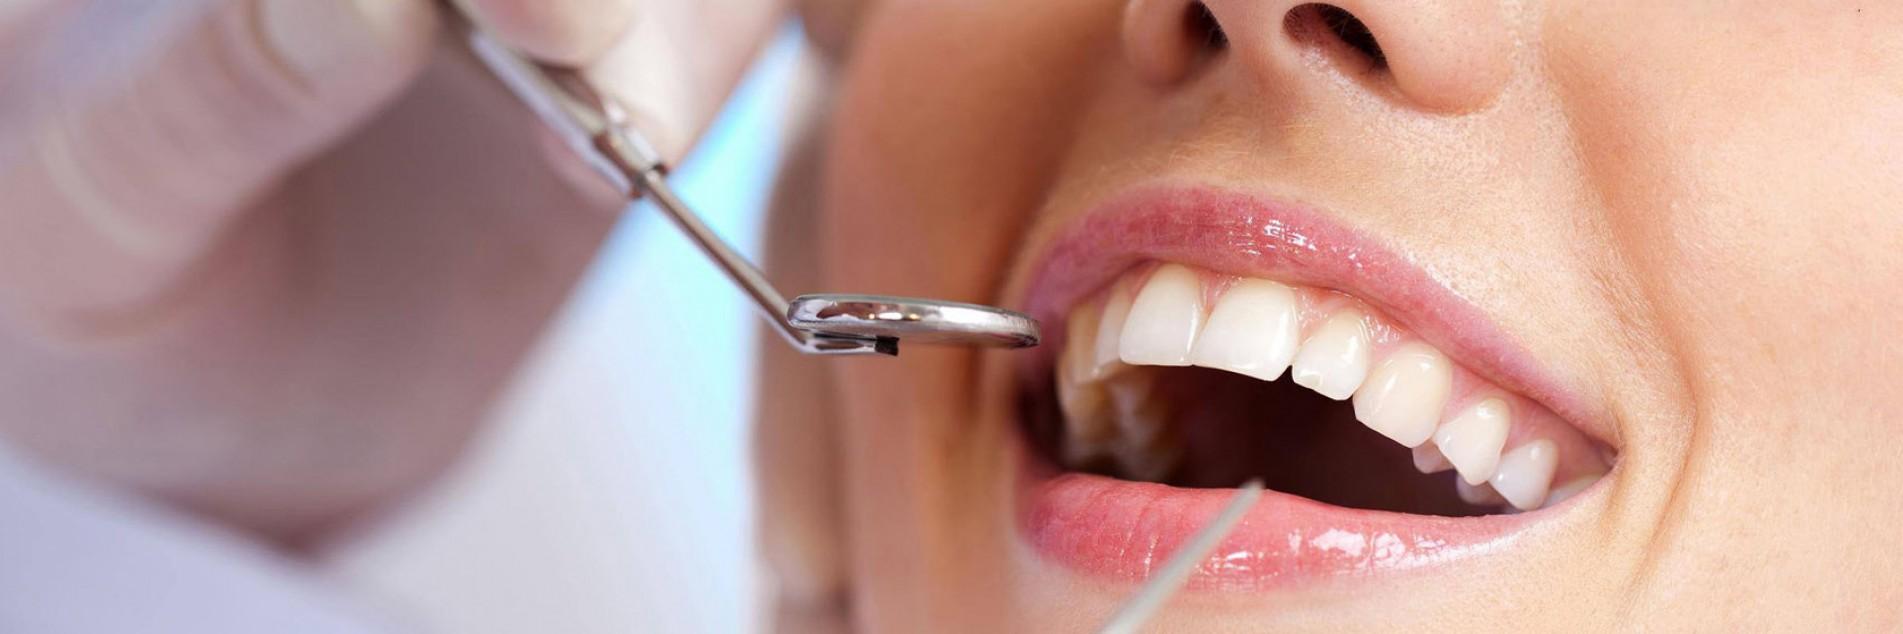 Български зъболекар в Лондон